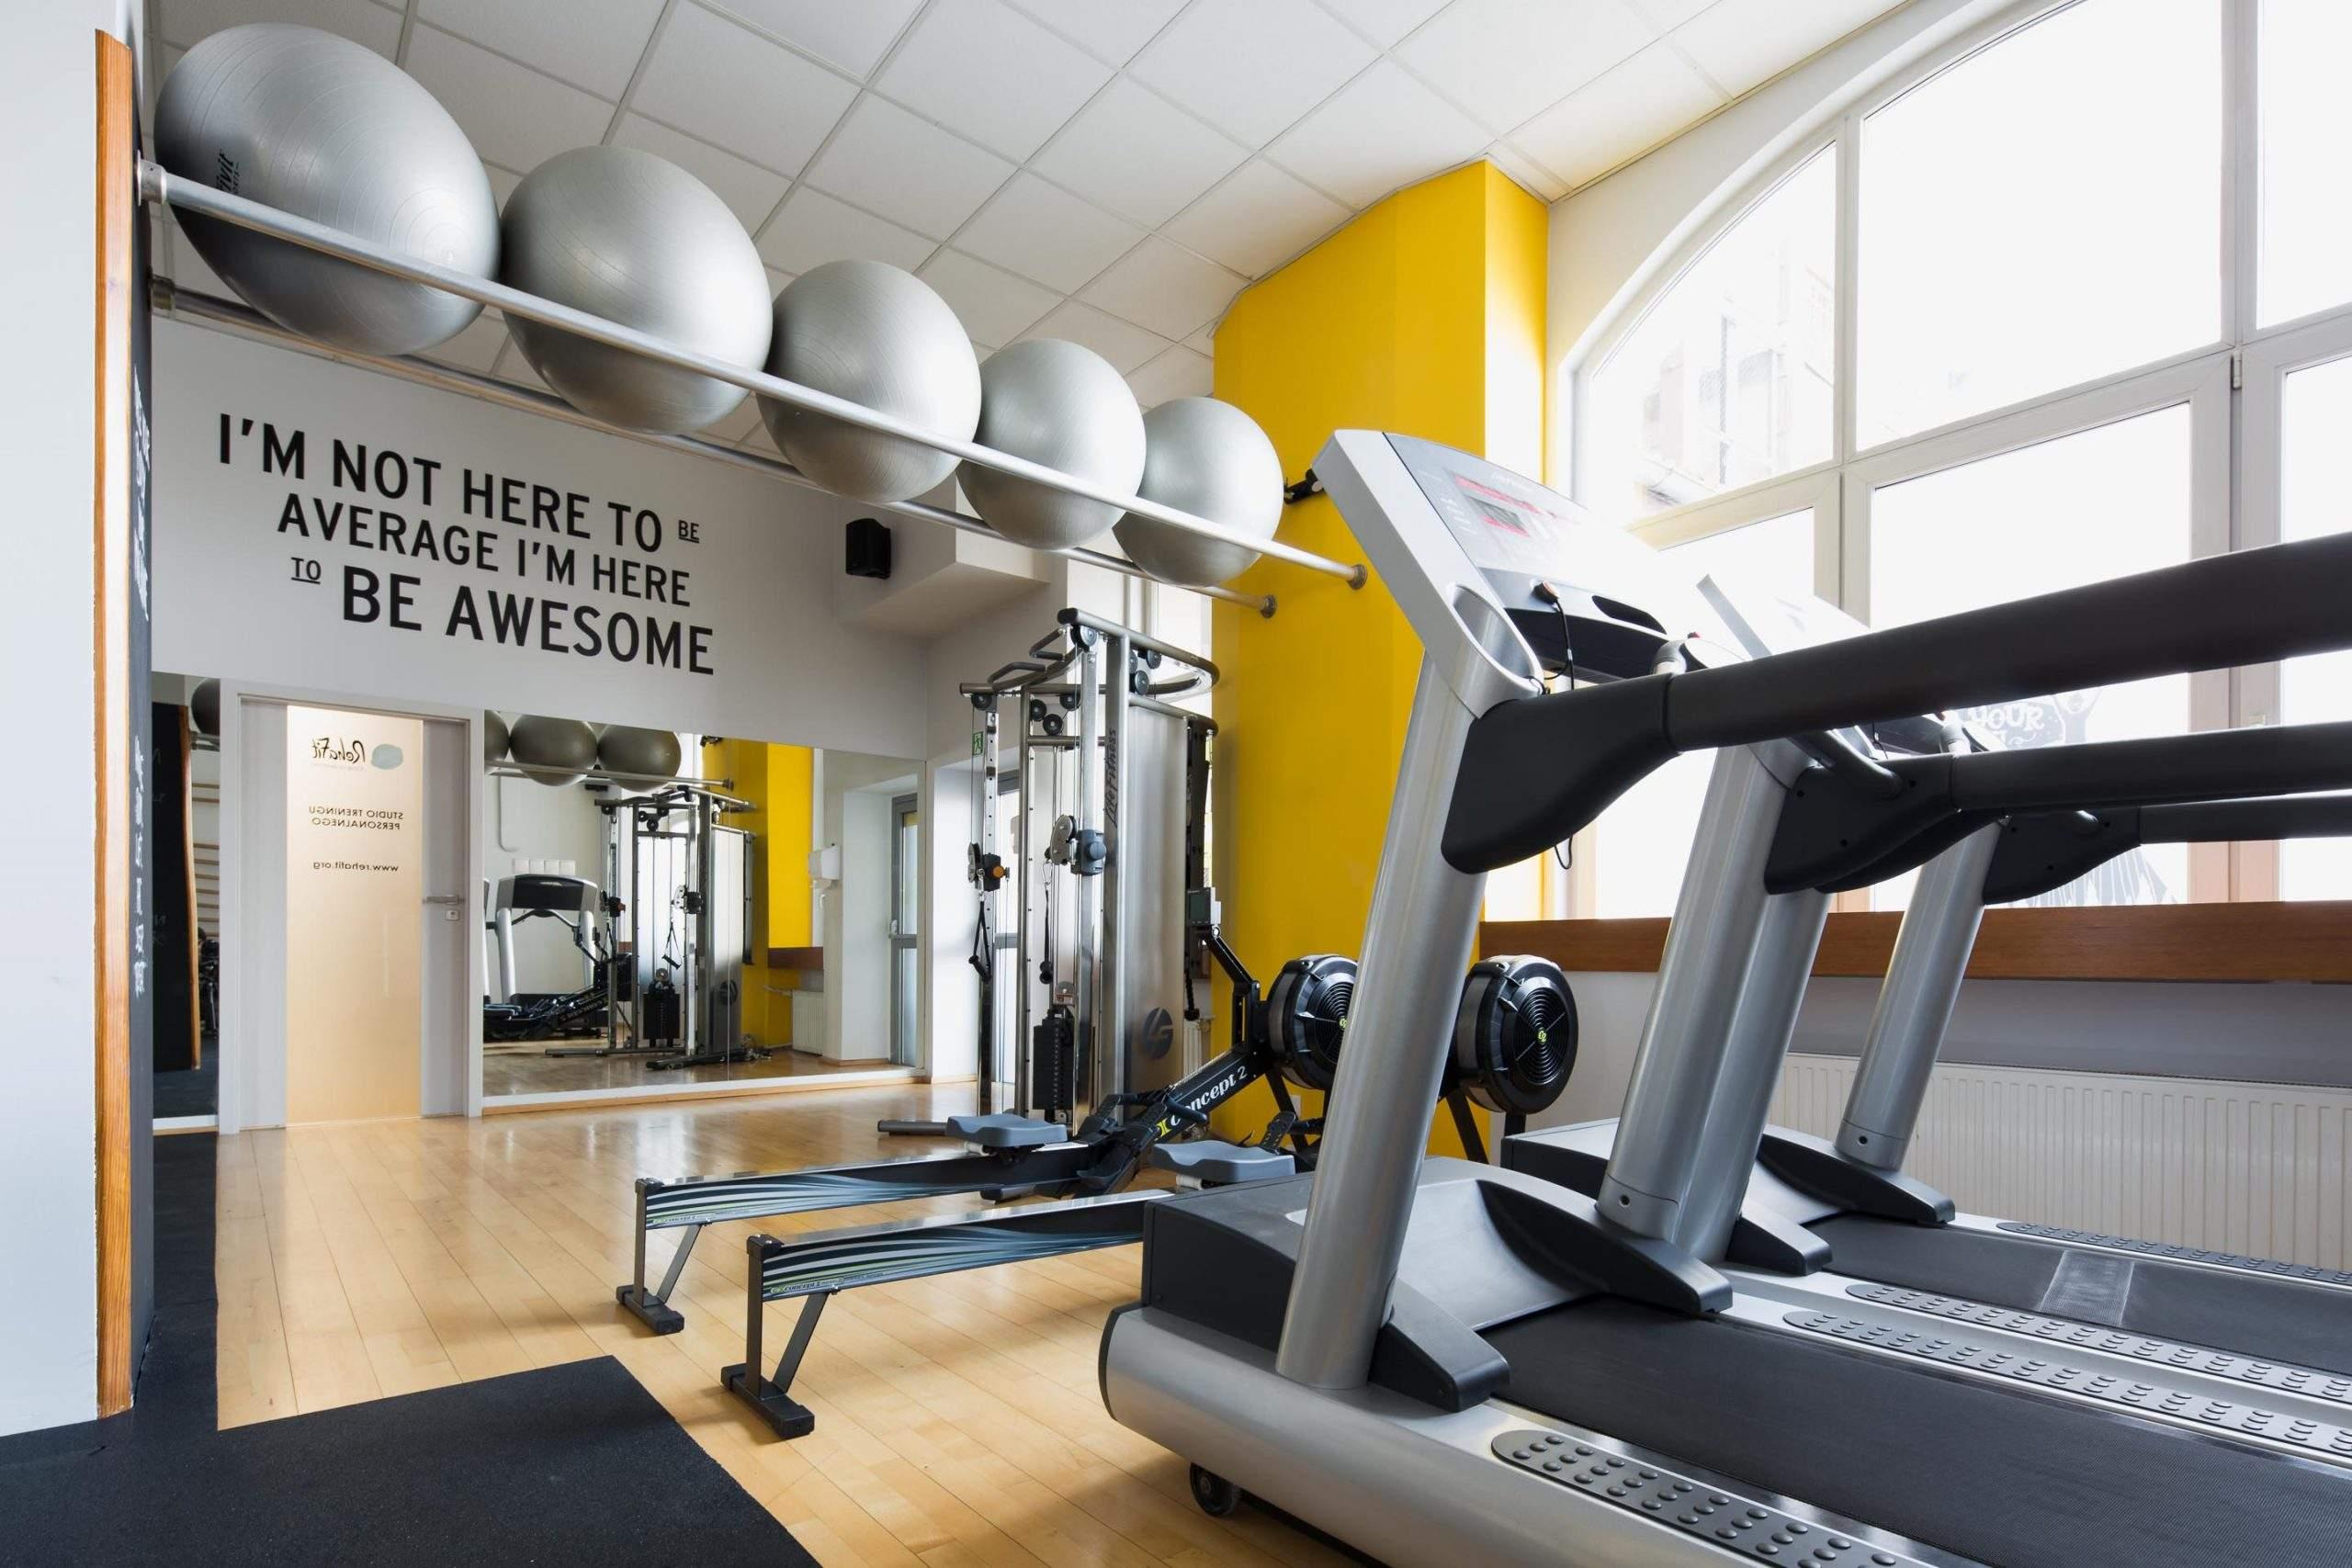 strefa cardio i brama wielofunkcyjna centrum treningu personalnego RehaFit